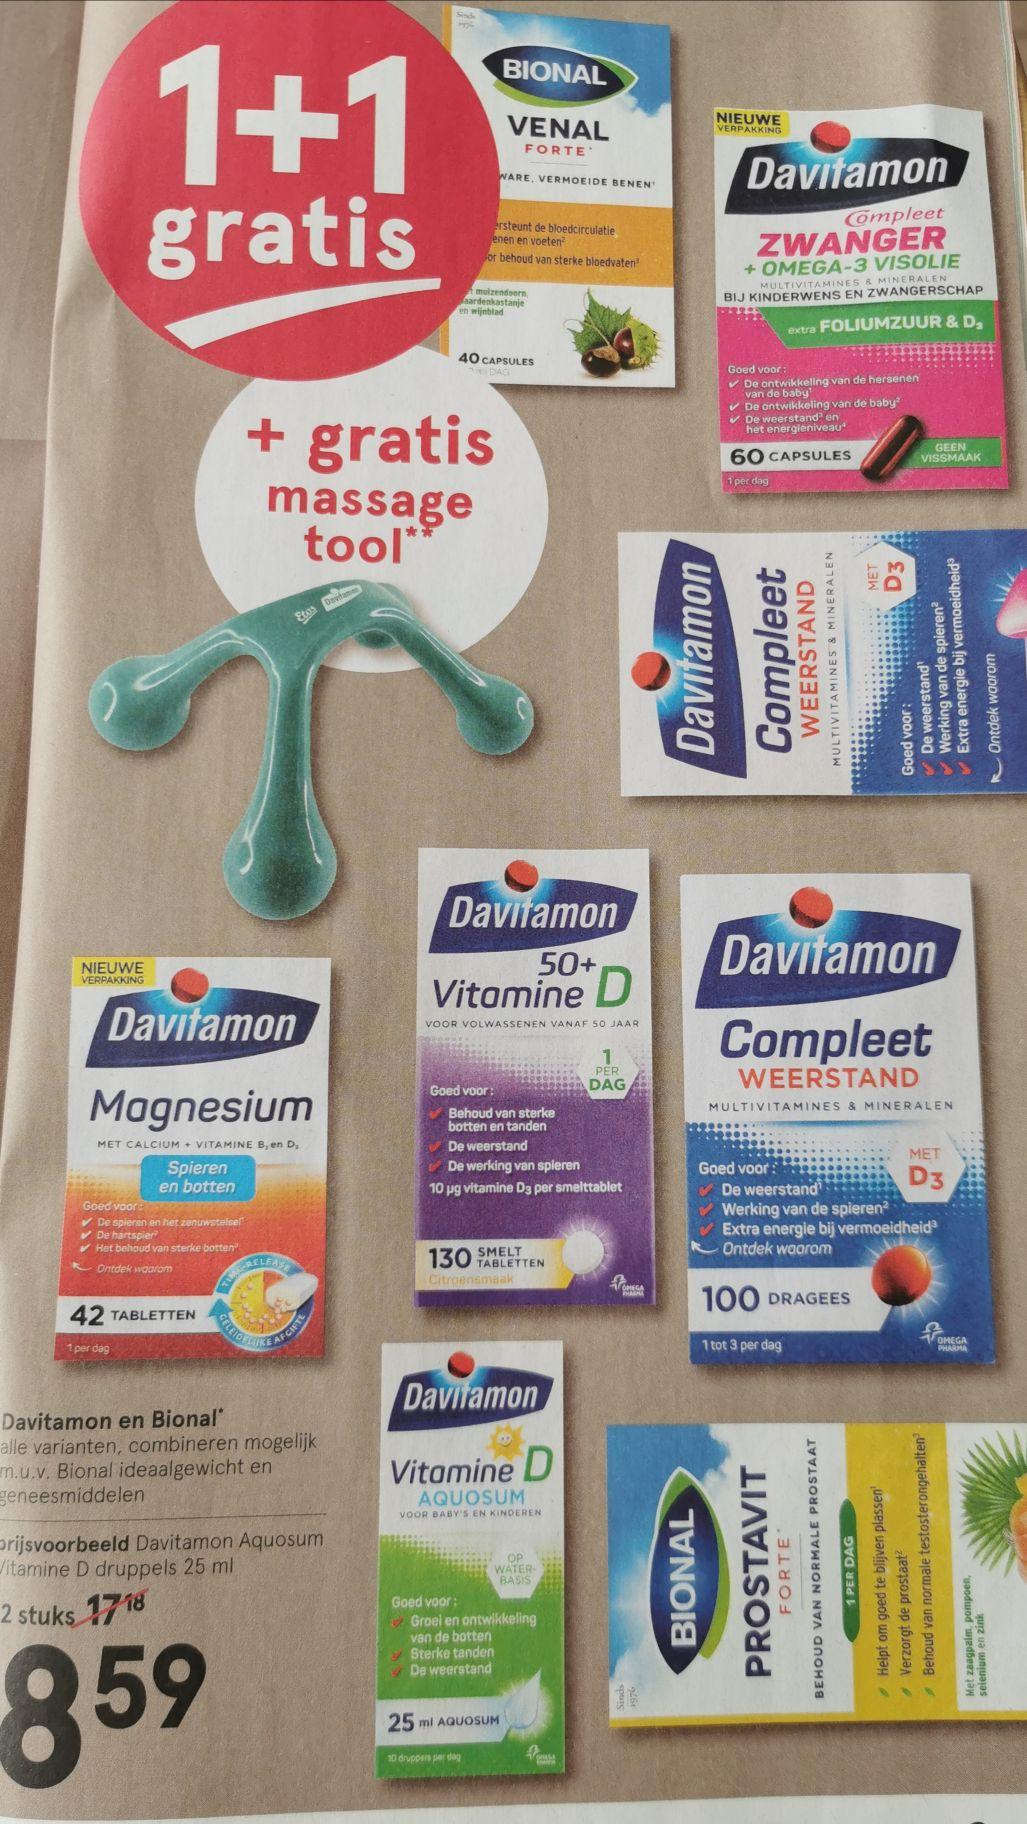 1 + 1 gratis op alle Davitamon en Bional + gratis massagetool twv € 9,95 @ Etos